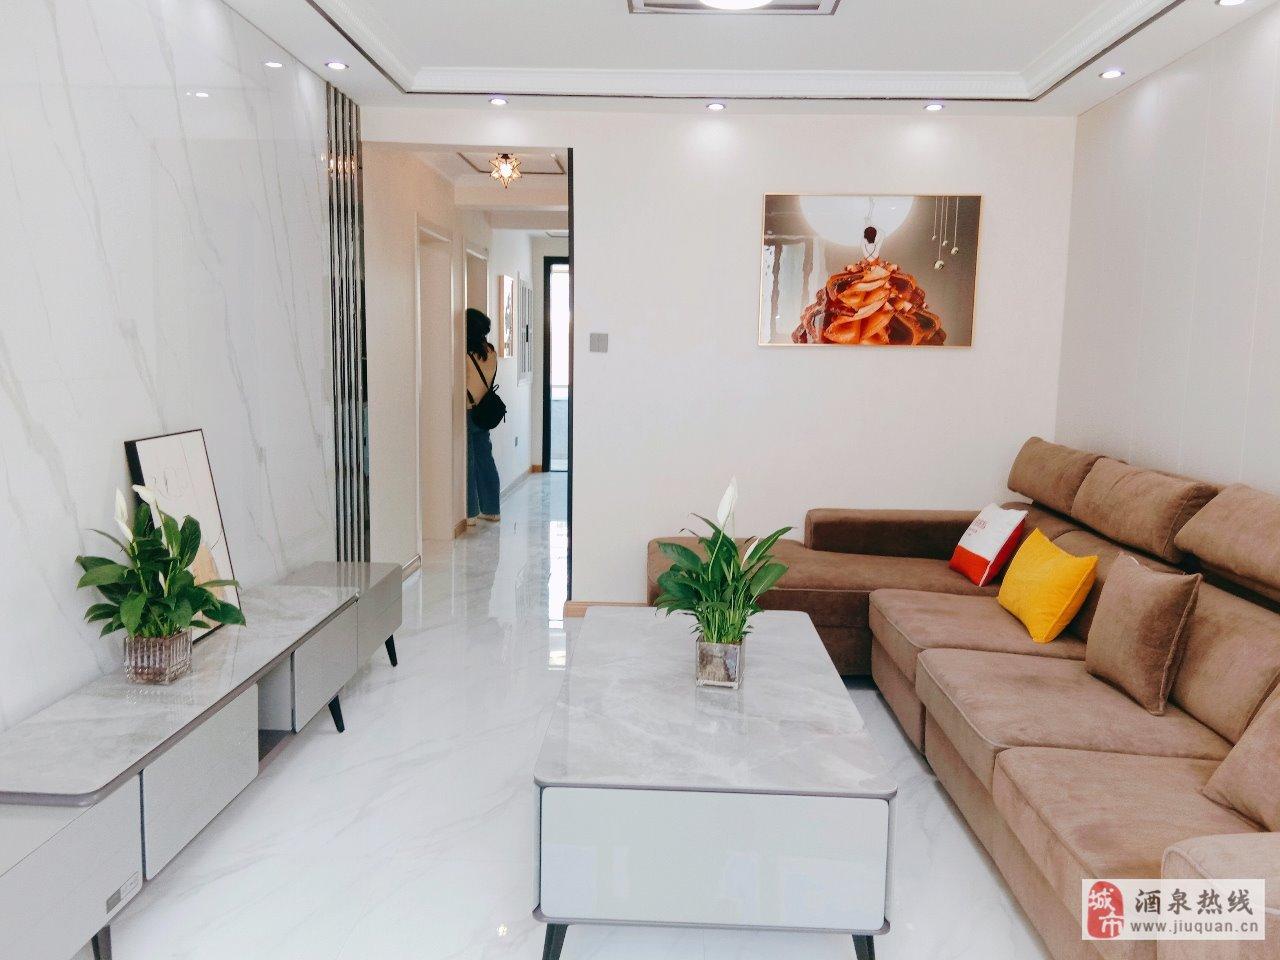 龙腾小区3楼3室 2厅 1卫精装地暖48.8万元